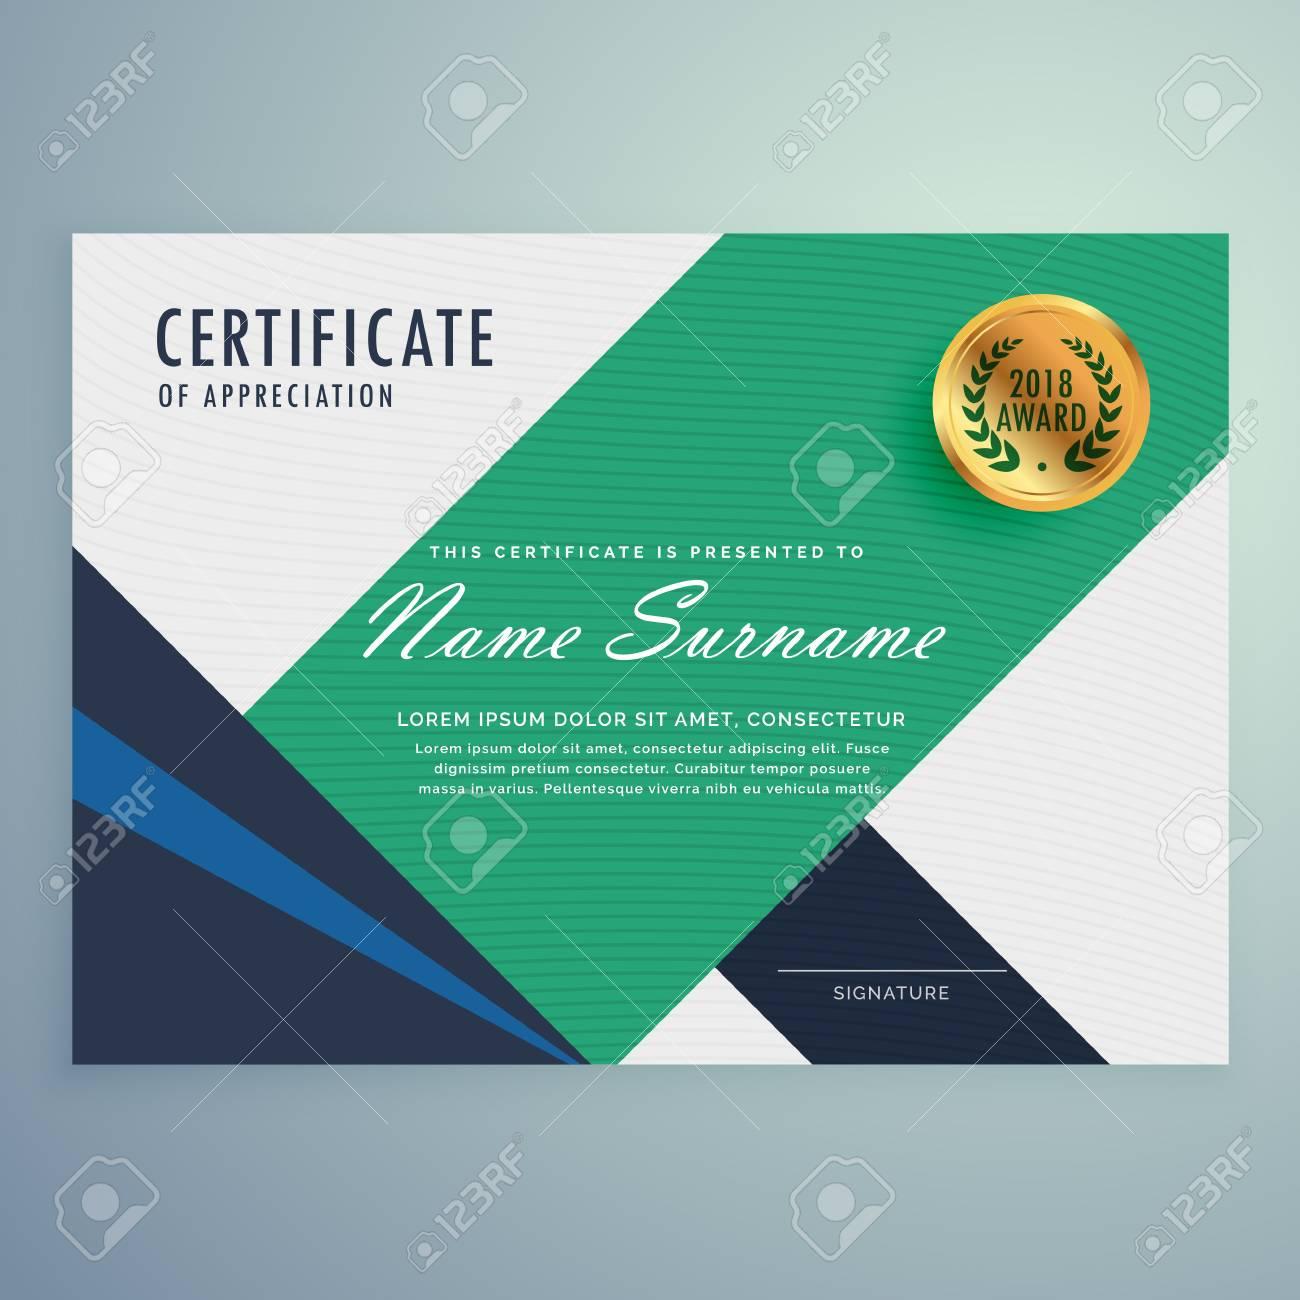 Vistoso Placa De Apreciación Plantilla Friso - Ejemplo De Colección ...